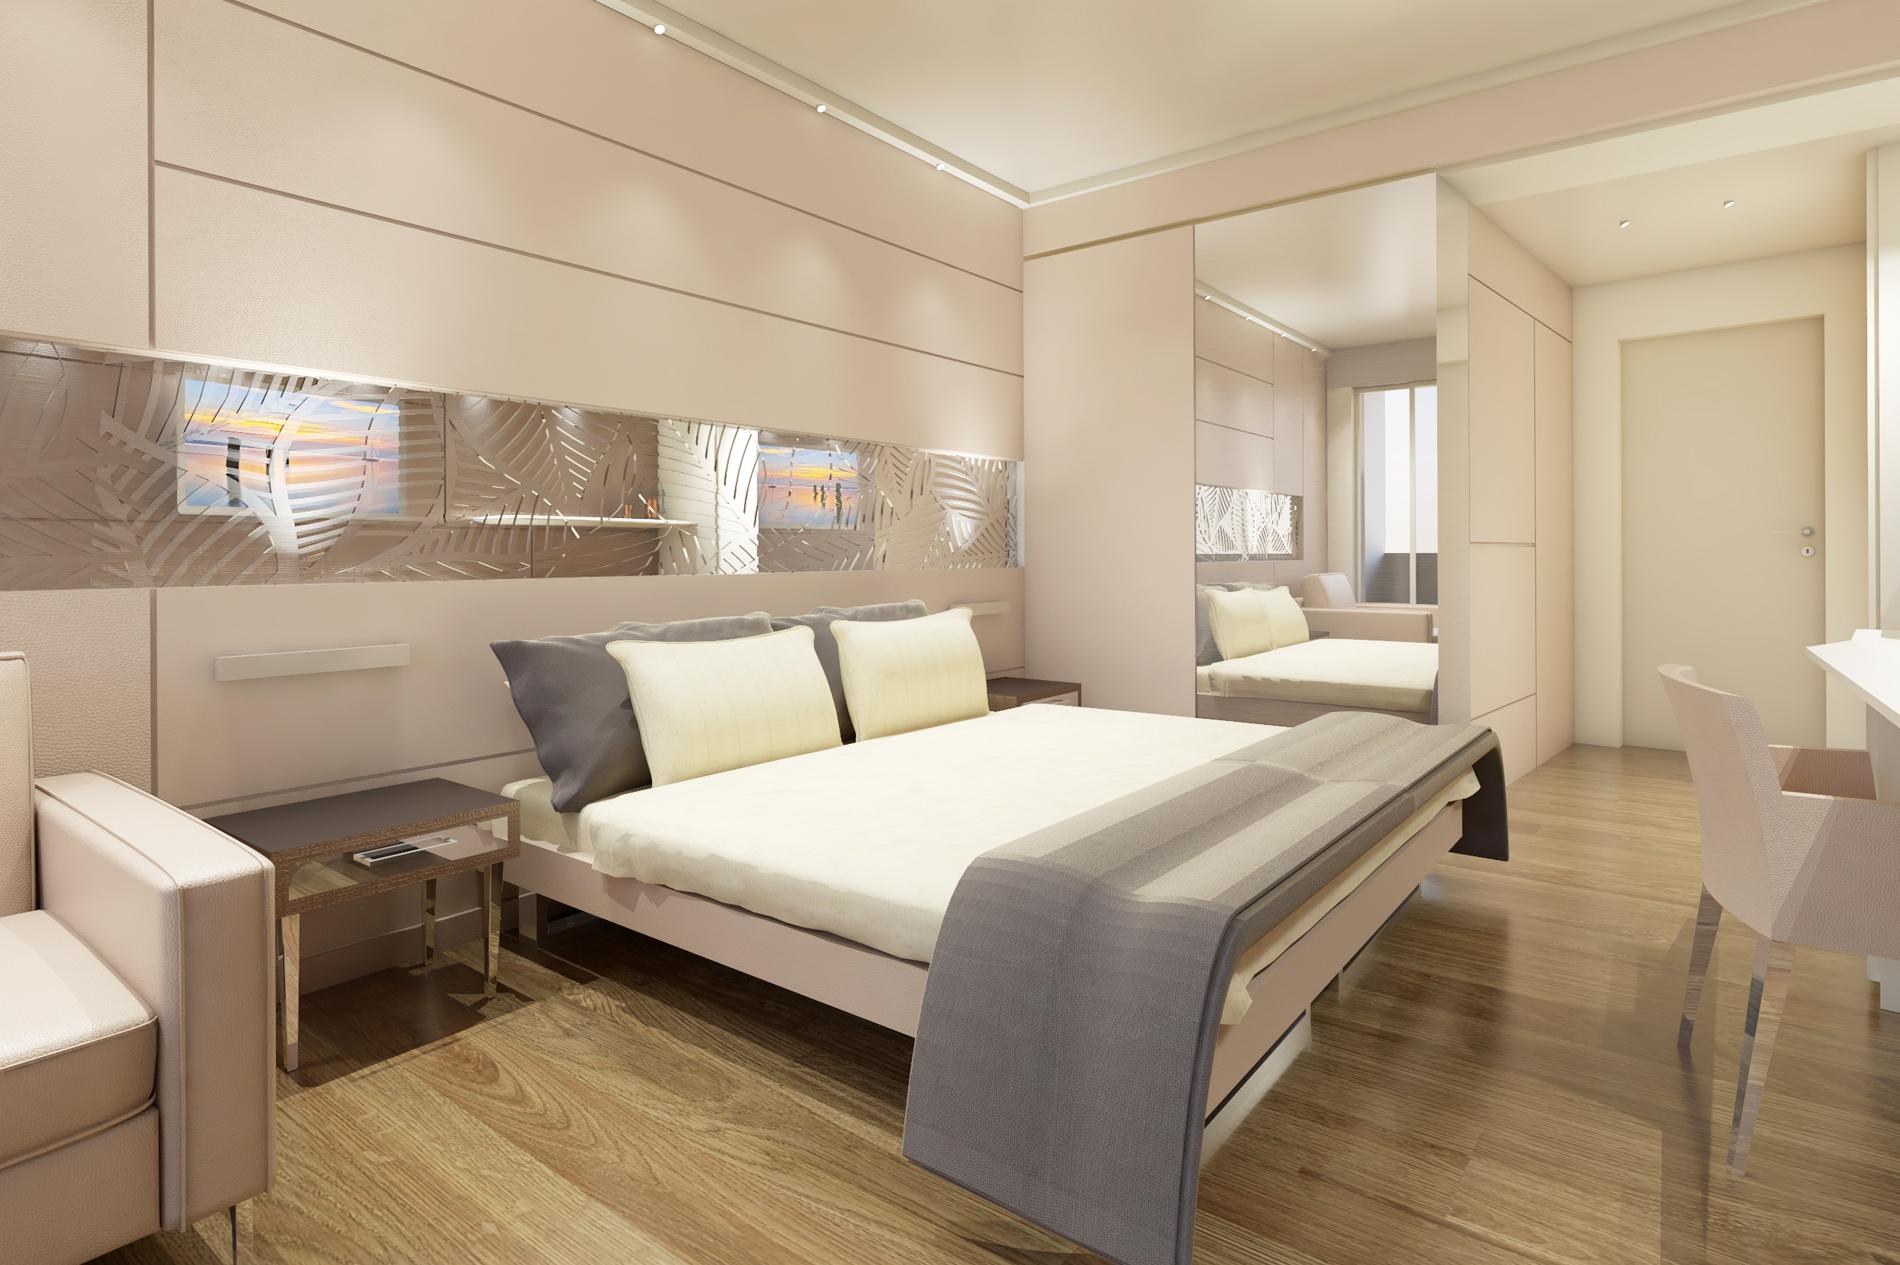 park_hotel_imperial_limone_sul_garda_camera_prestige500.jpg